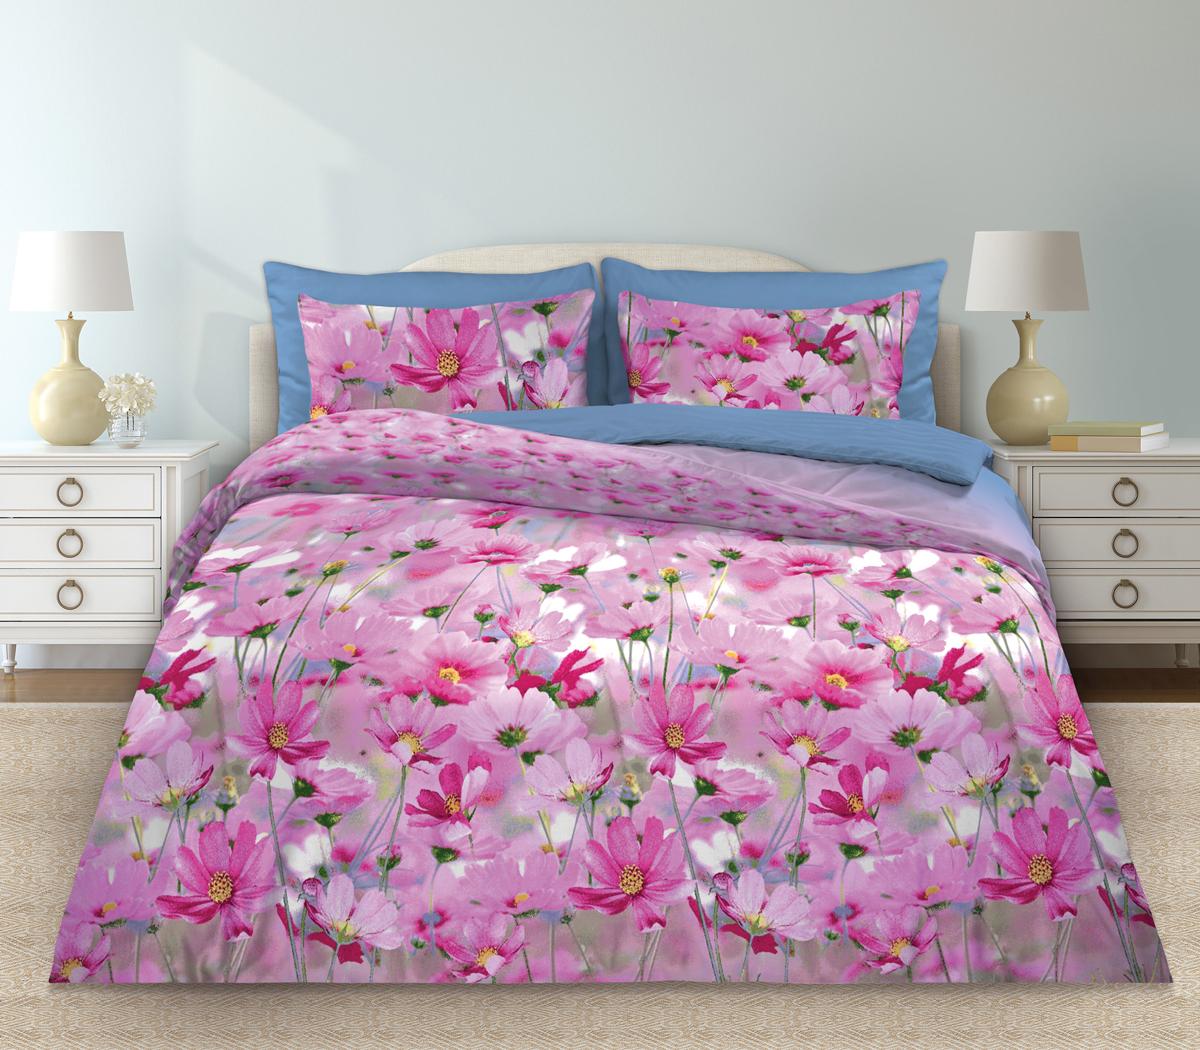 Комплект белья Любимый дом Скарлетт, 2-х спальное, наволочки 70 х 70, цвет: розовый. 331119331119Комплект постельного белья коллекции «Любимый дом» - выполнен из высококачественной ткани из 100% хлопка. Такое белье абсолютно натуральное, гипоаллергенное, соответствует строжайшим экологическим нормам безопасности, комфортное, дышащее, не нарушает естественные процессы терморегуляции, прочное, не линяет, не деформируется и не теряет своих красок даже после многочисленных стирок, а также отличается хорошей износостойкостью.